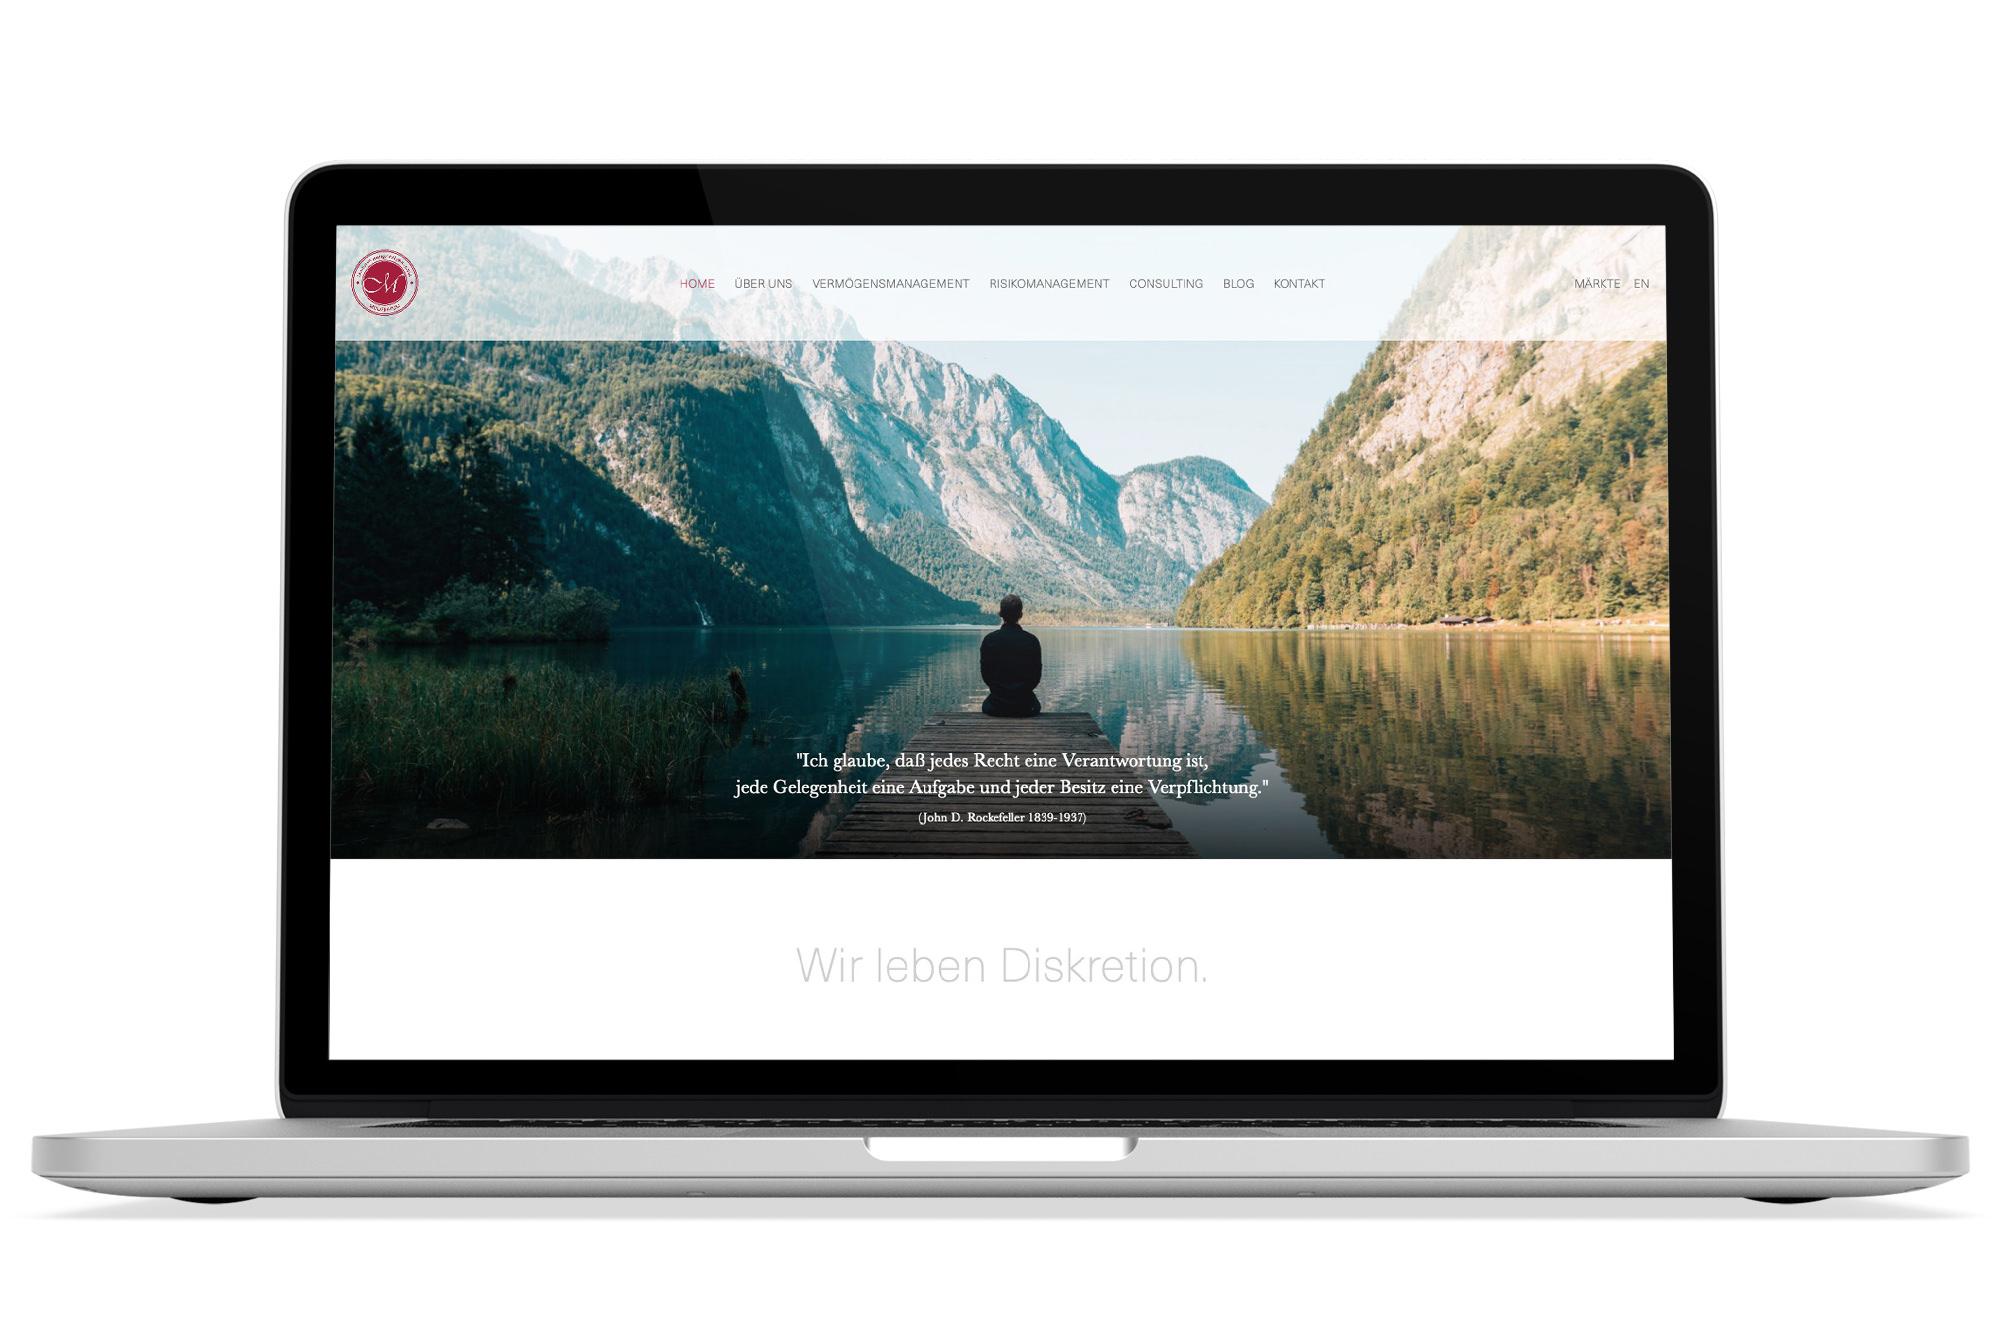 Responsive Webdesign Beispiel: Neue mobile Webseite für Finanzberatung, Vermögensmanagement & Risikomanagement